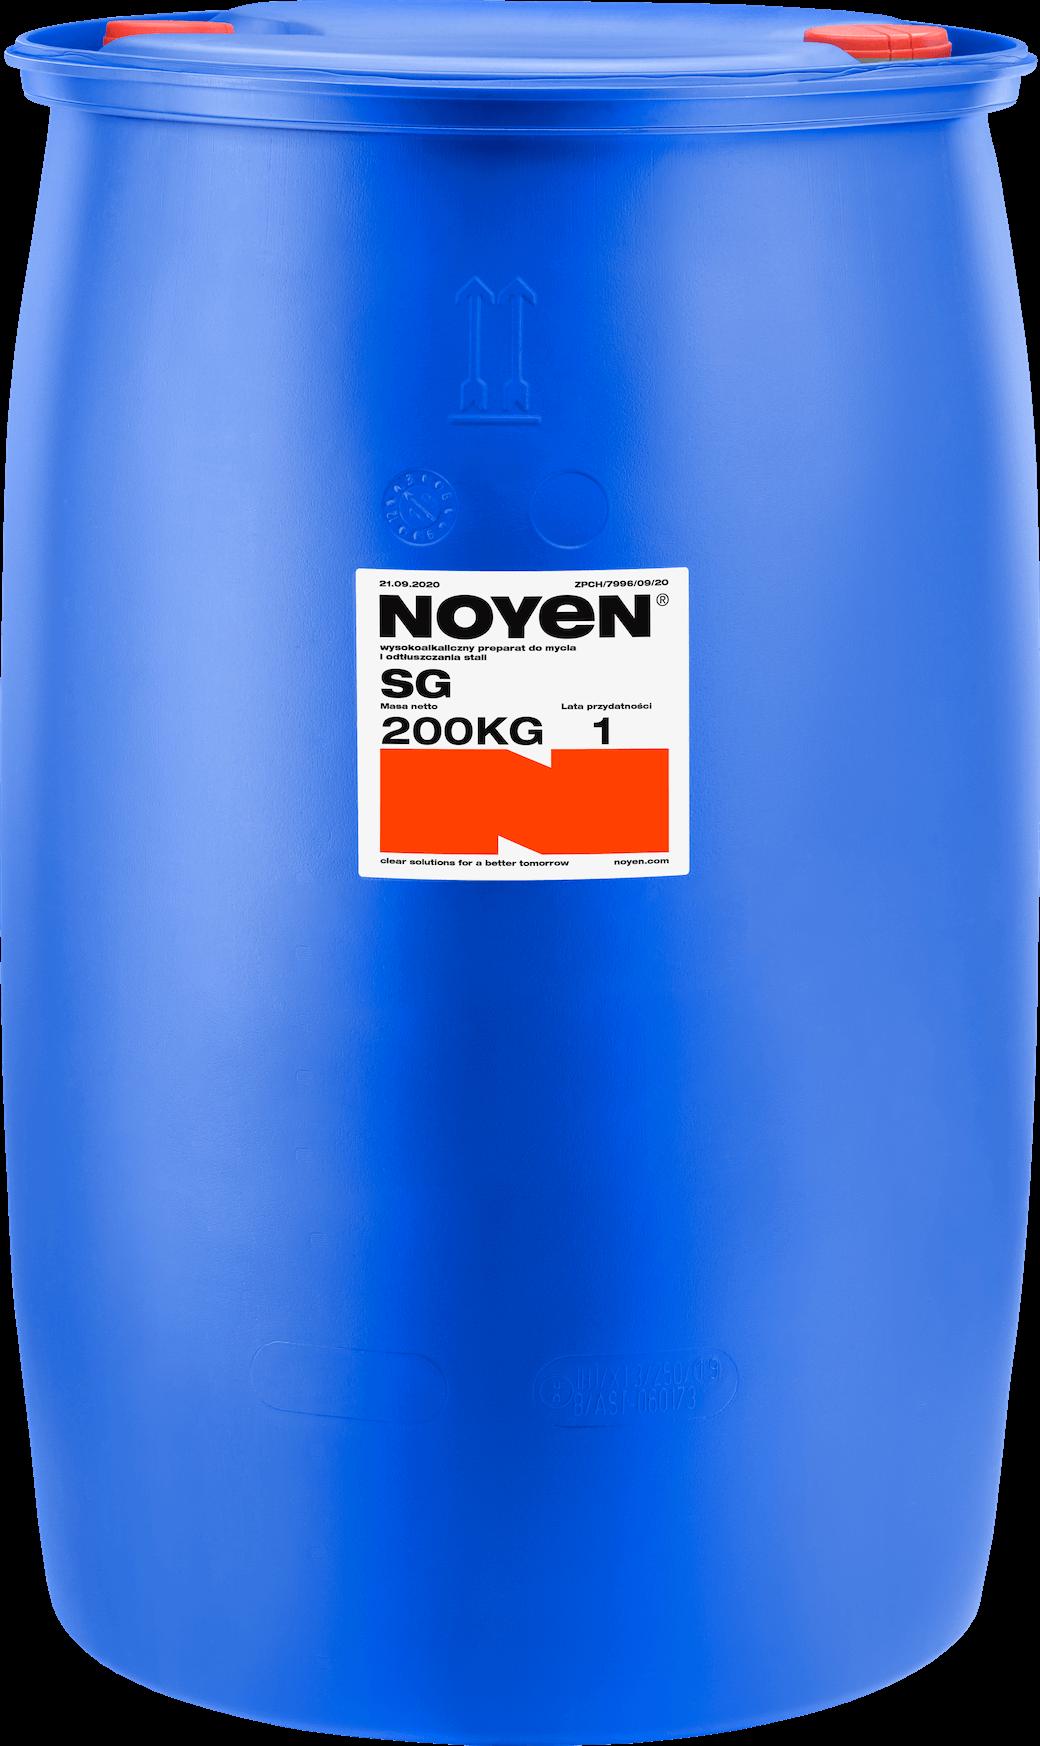 SG NOYEN 200 KG wysokoalkaiczny preparat do mycia i odtłuszczania stali w niebieskiej beczce